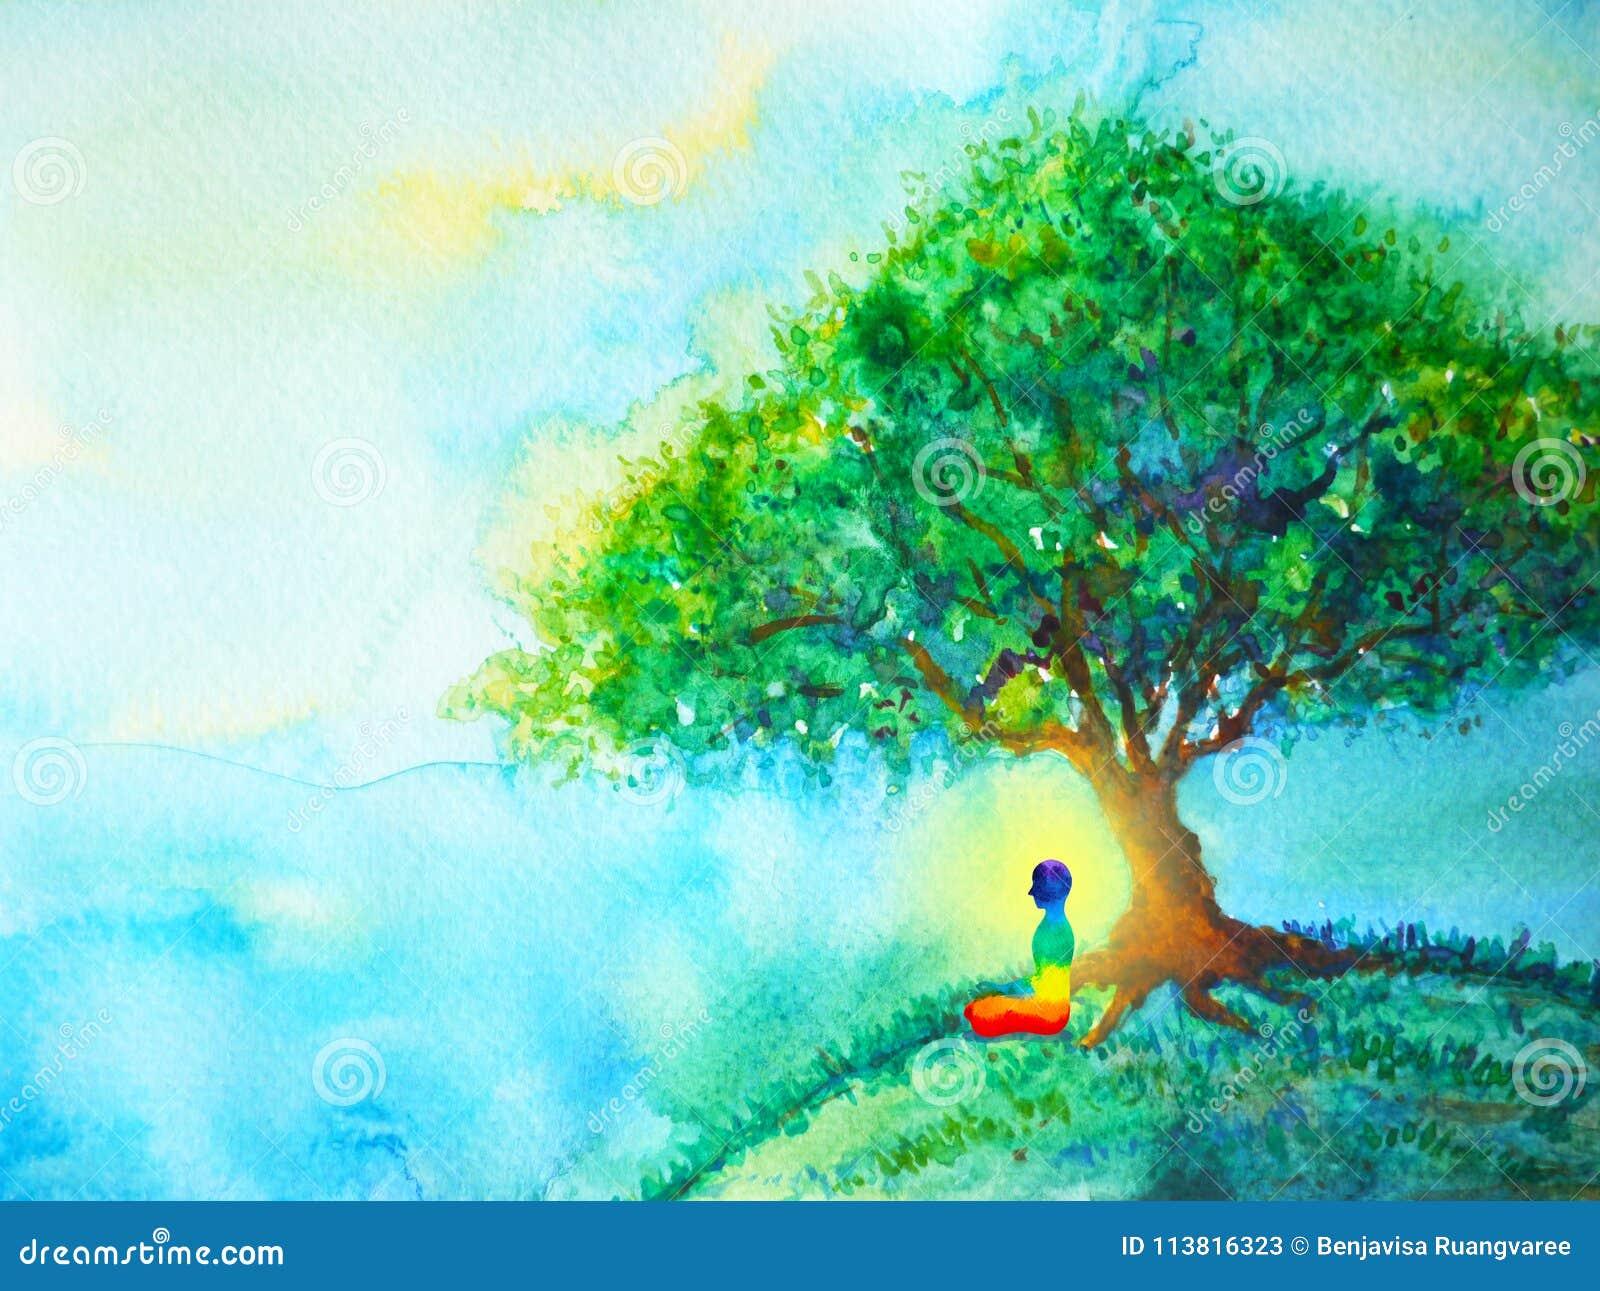 7种颜色chakra人的莲花姿势瑜伽,抽象世界,在您的头脑里面的宇宙